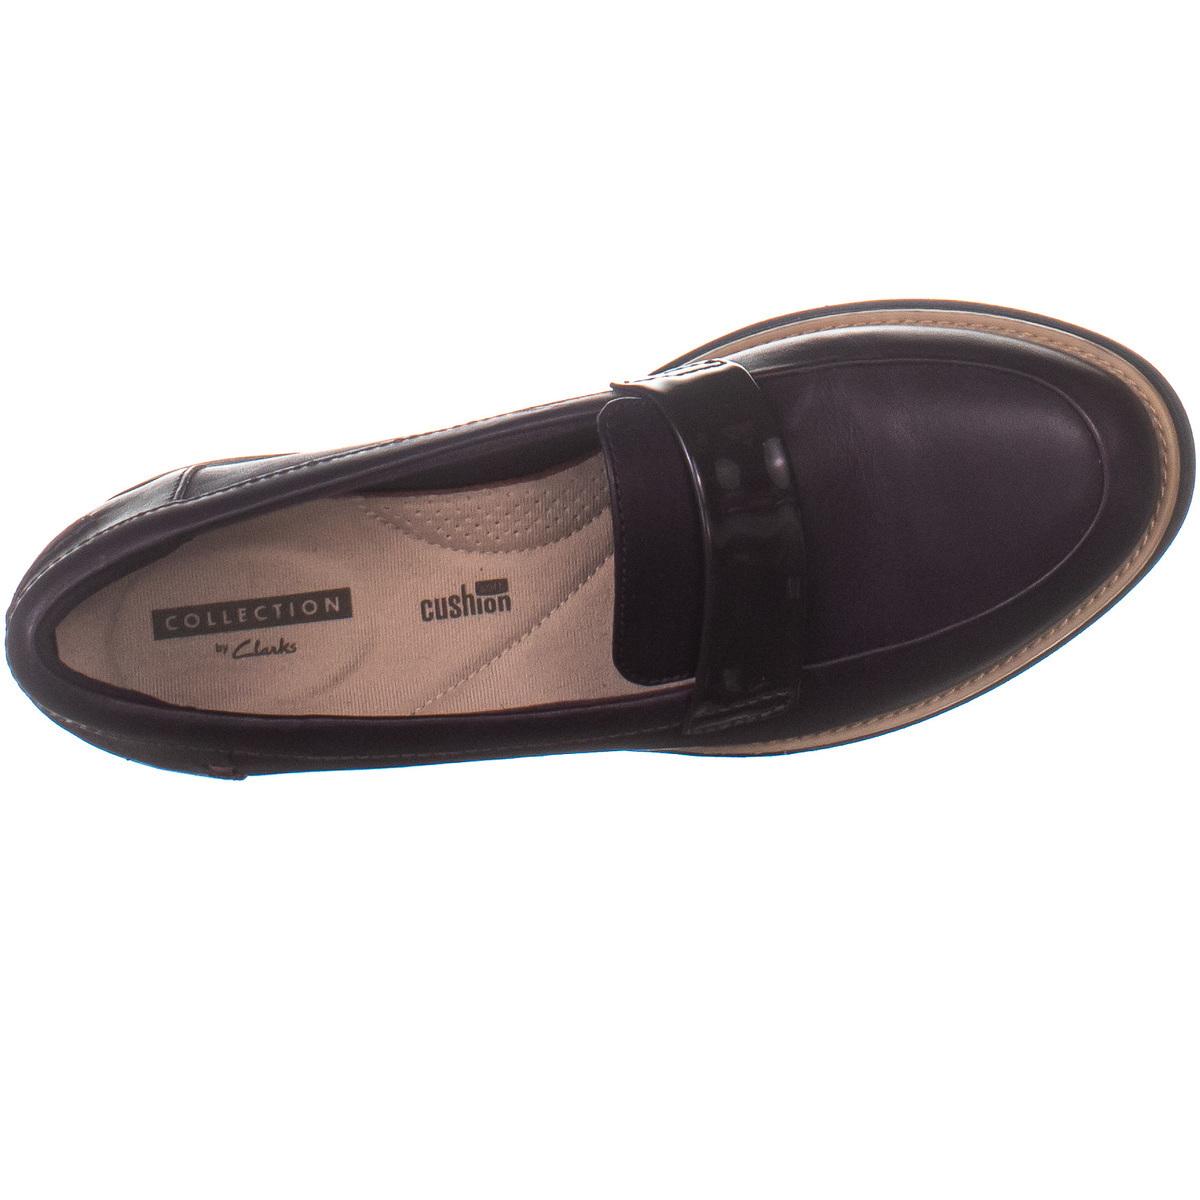 Clarks 7896 Slip On Loafer Flats, Oxblood 100, Oxblood, 6 US